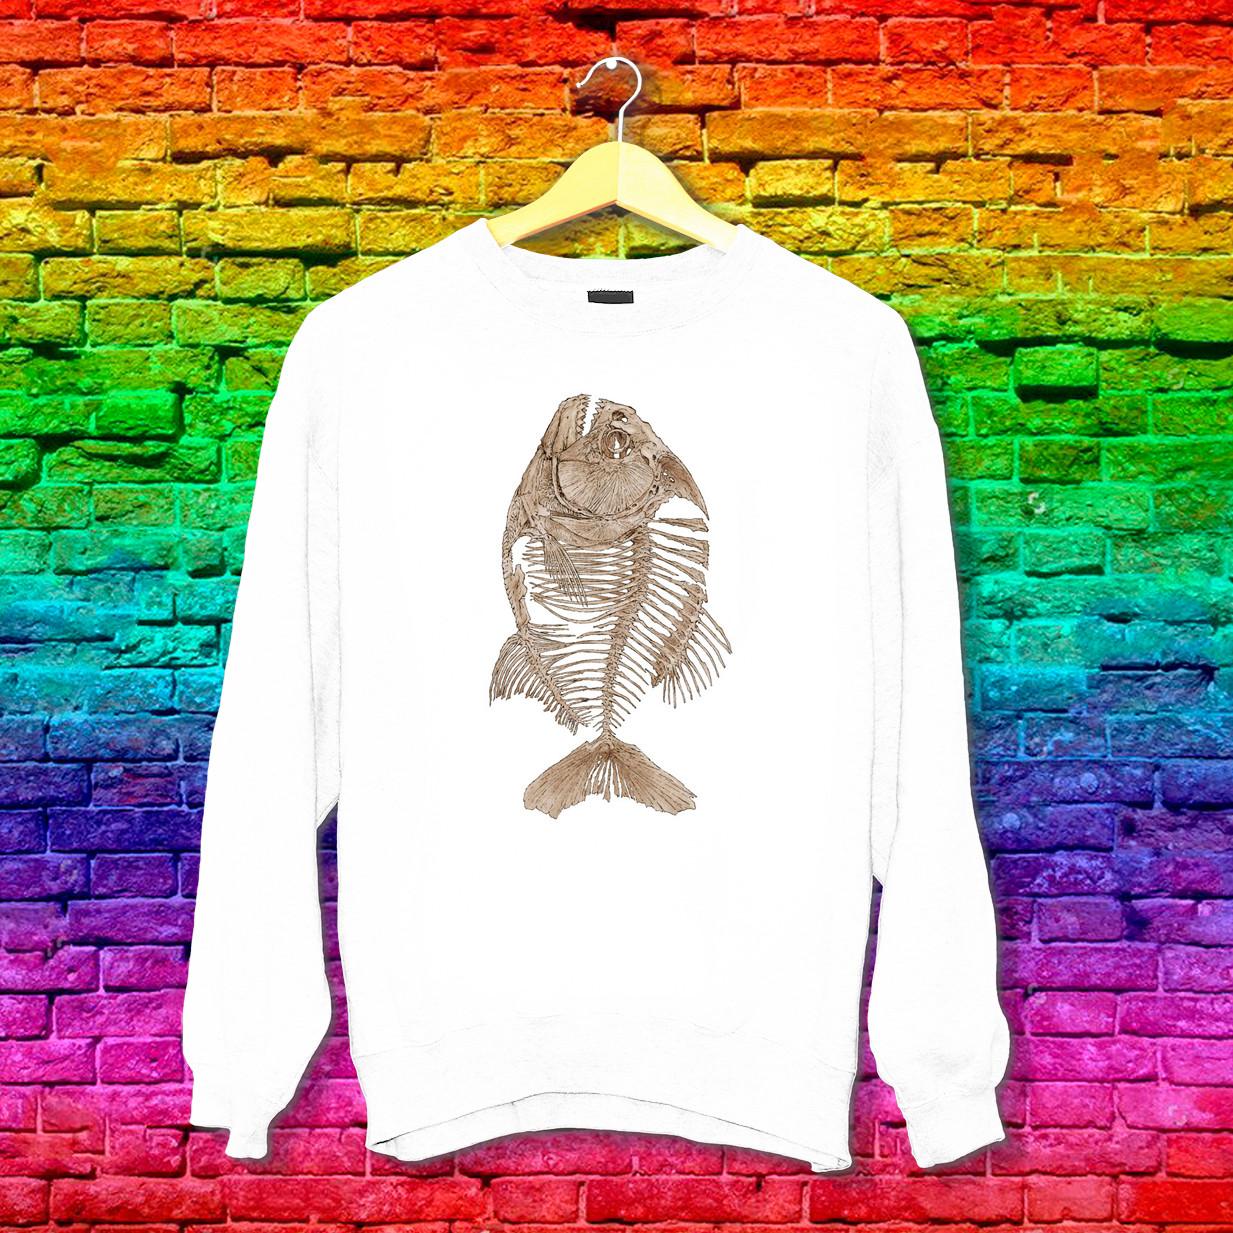 Світшот з принтом Скелет риби Push IT